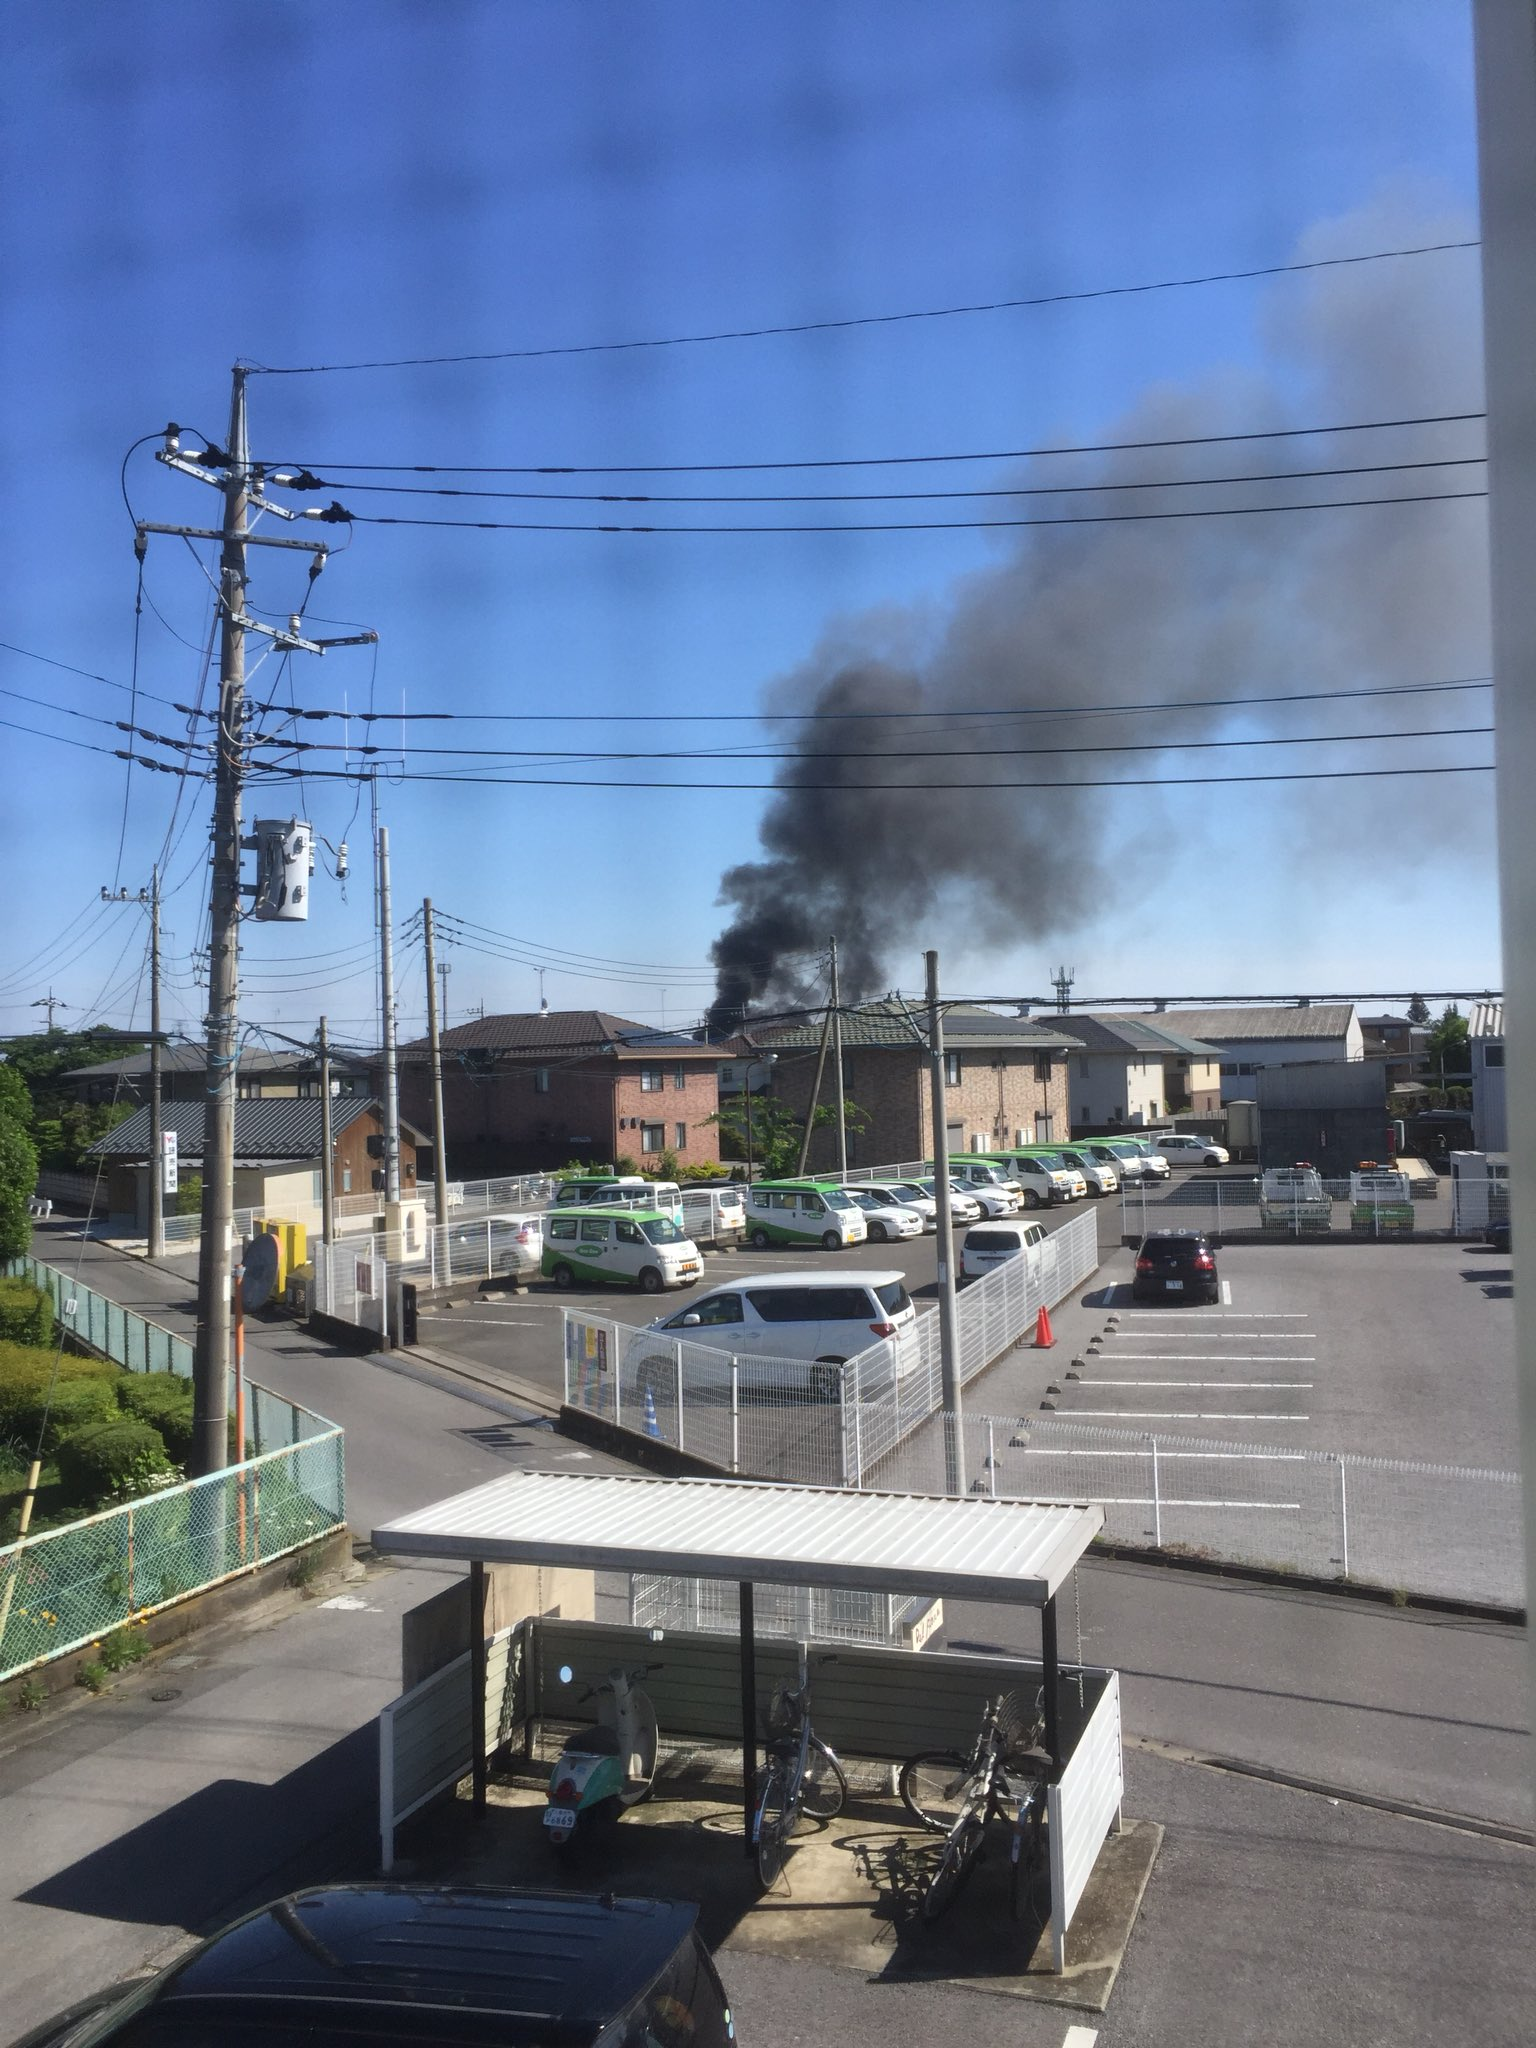 画像,近所で火事消防車10台くらいは通ってる怖い https://t.co/KpxTMB5NnO。